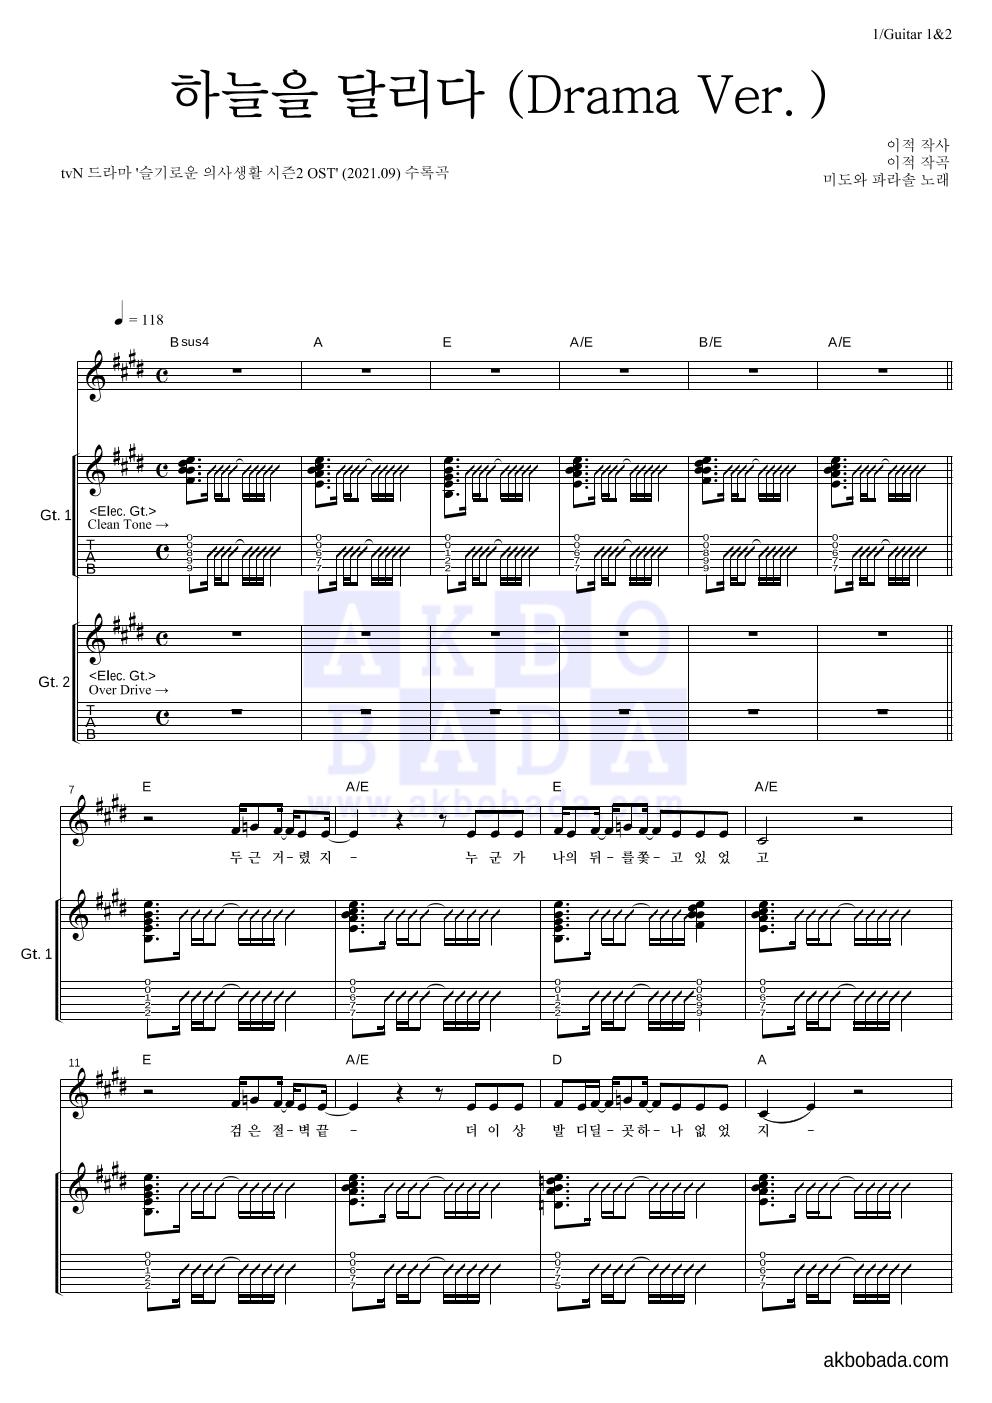 미도와 파라솔 - 하늘을 달리다 (Drama Ver.) 기타1,2 악보